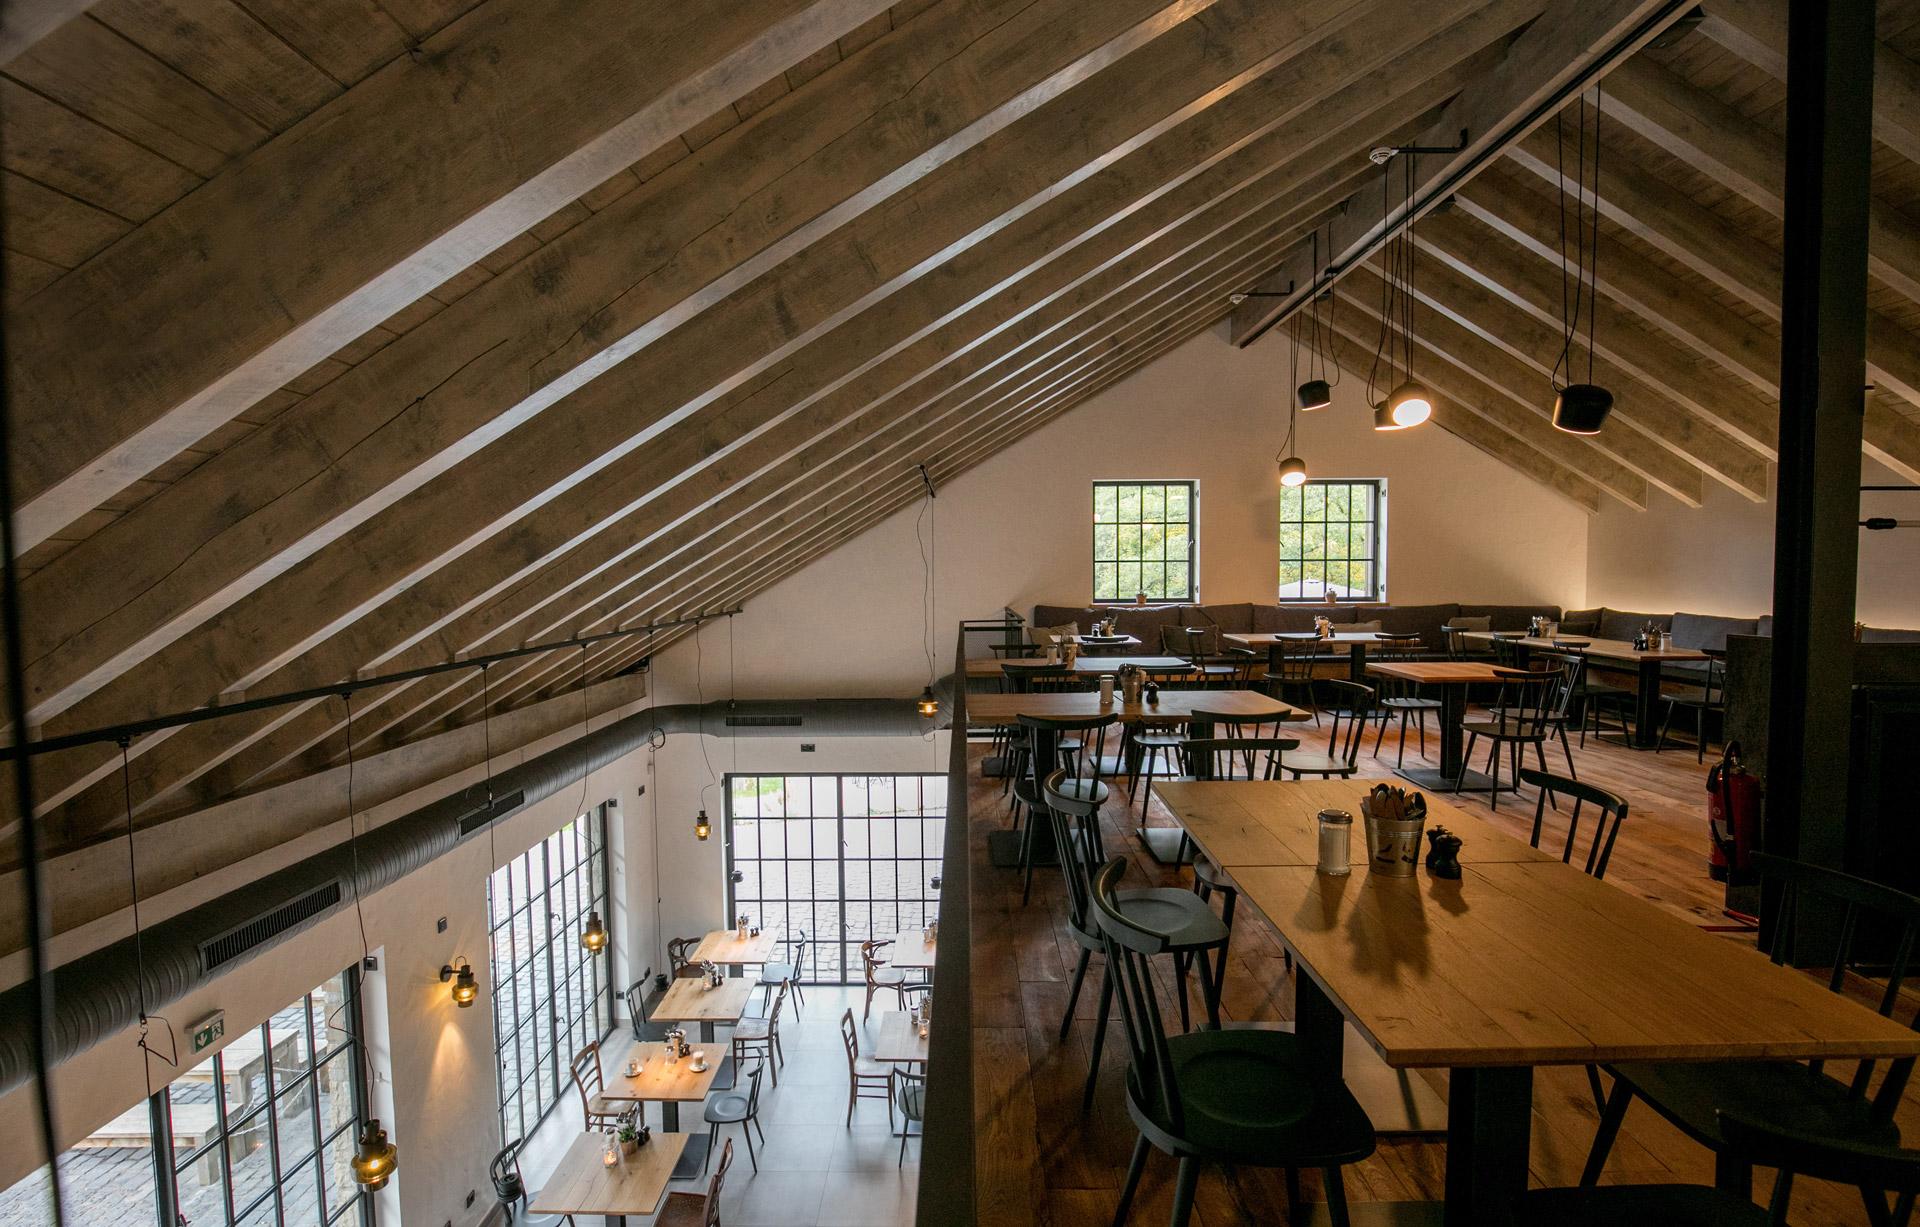 Ansicht EG und OG im Restaurant Wilde Ente in Iserlohn